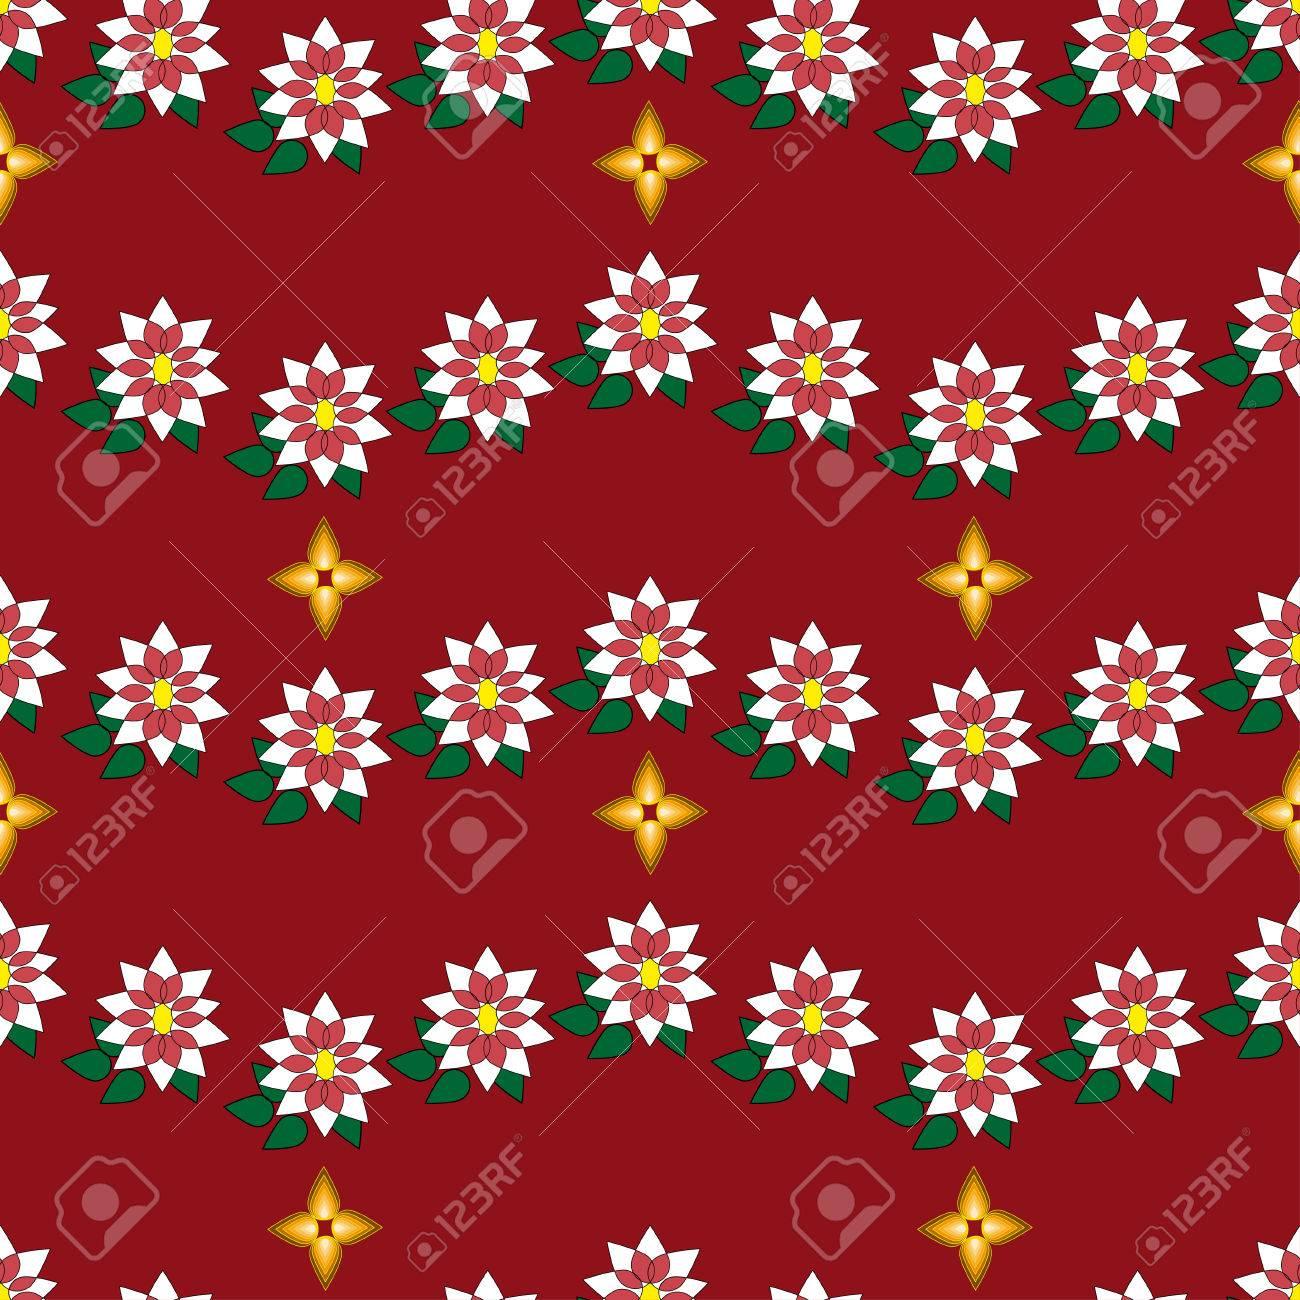 Vector Christmas Seamless Poinsettia Sur Fond Rouge Peut être Utilisé Pour Le Papier Peint Page Web Fond Papier D Emballage De Noël Imprimer Sur